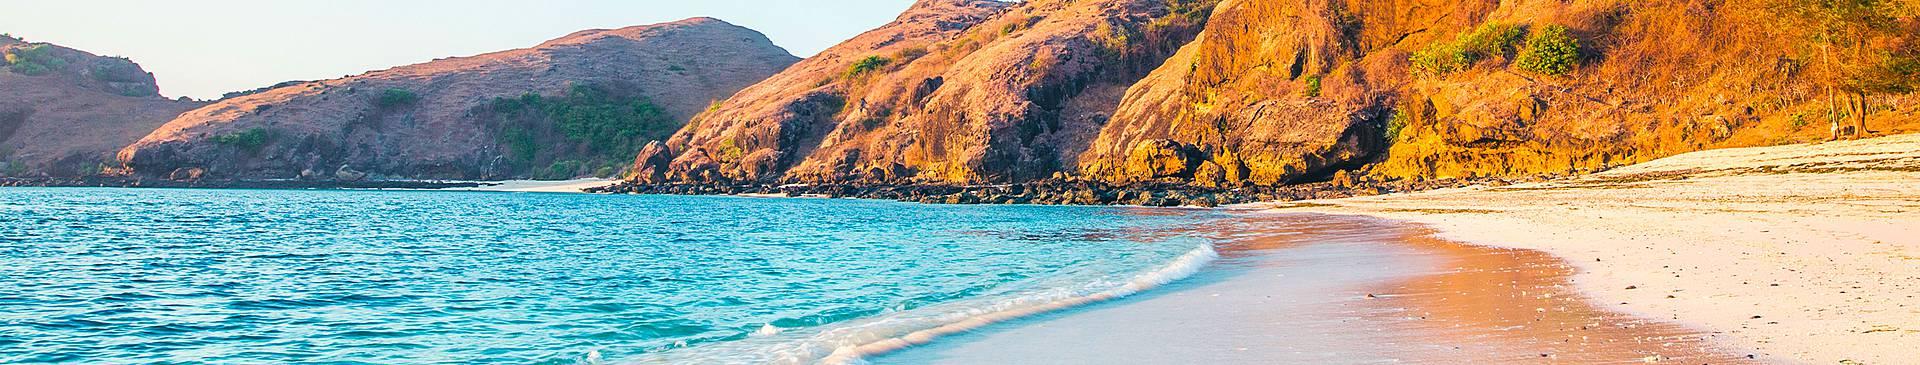 Voyage plage en Indonésie